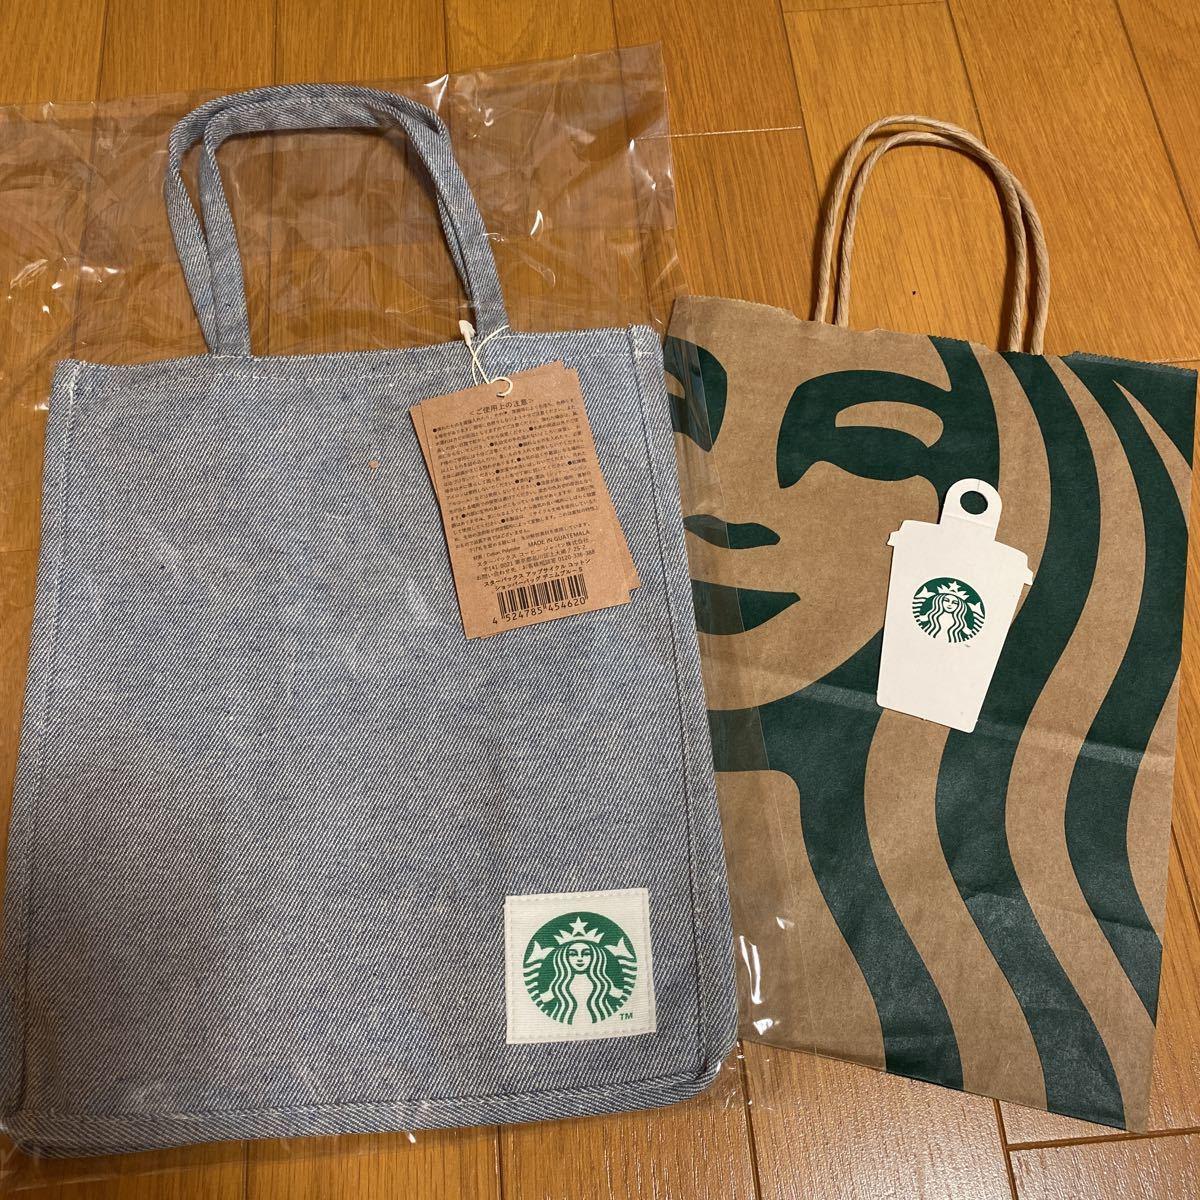 新品★ スターバックス アップサイクルコットン ショッパーバッグ デニムブルー S☆紙袋付き STARBUCKS_画像1